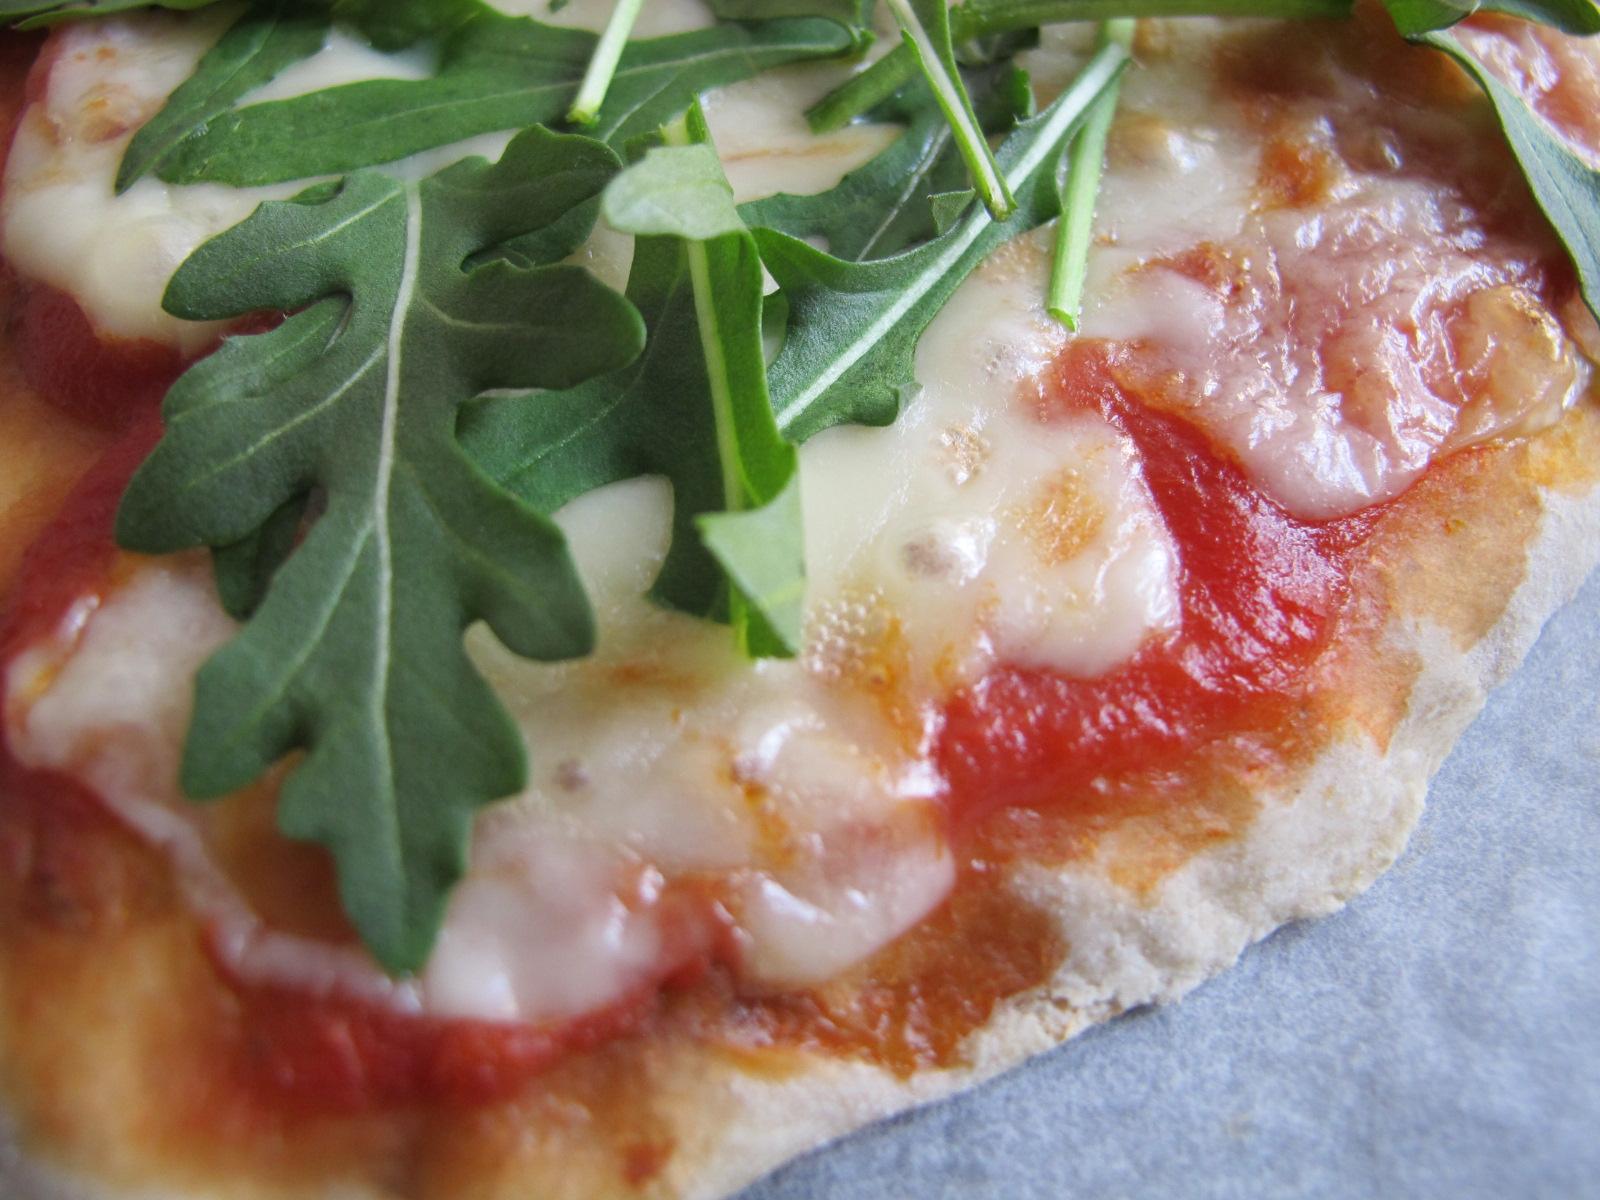 Devinez quoi? De la pizza!